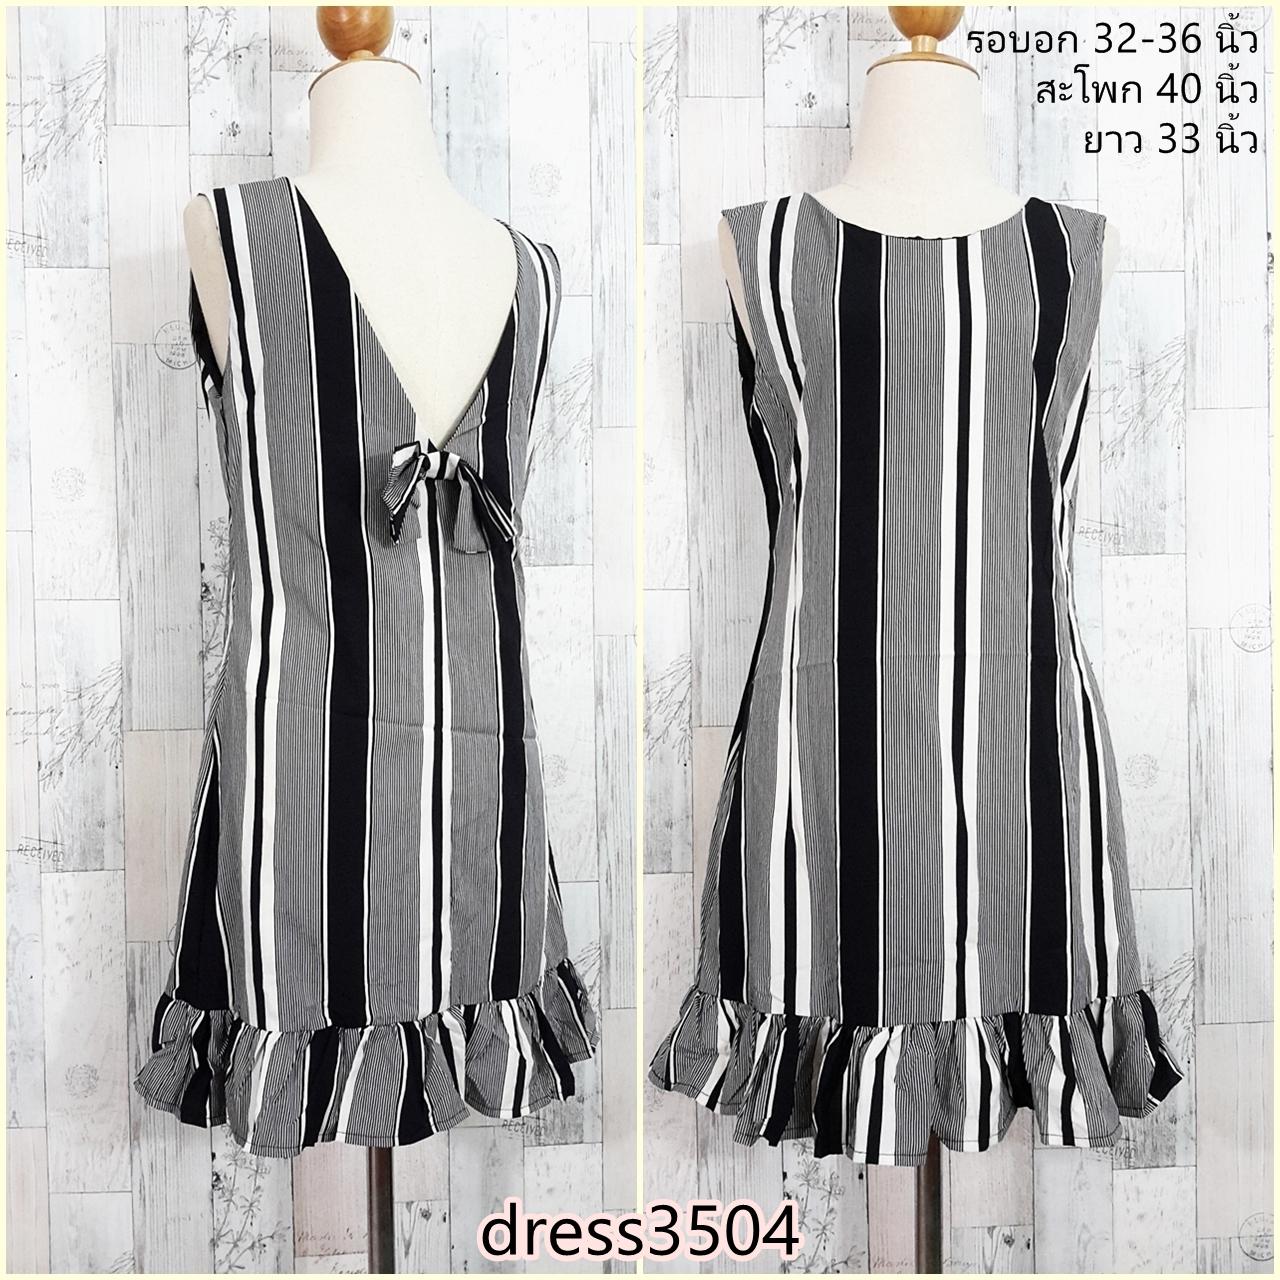 LOT SALE!! Dress3504 ชุดเดรสน่ารัก แต่งโบว์ด้านหลัง ชายระบาย ผ้าไหมอิตาลีเนื้อนิ่มลายริ้ว สีดำ